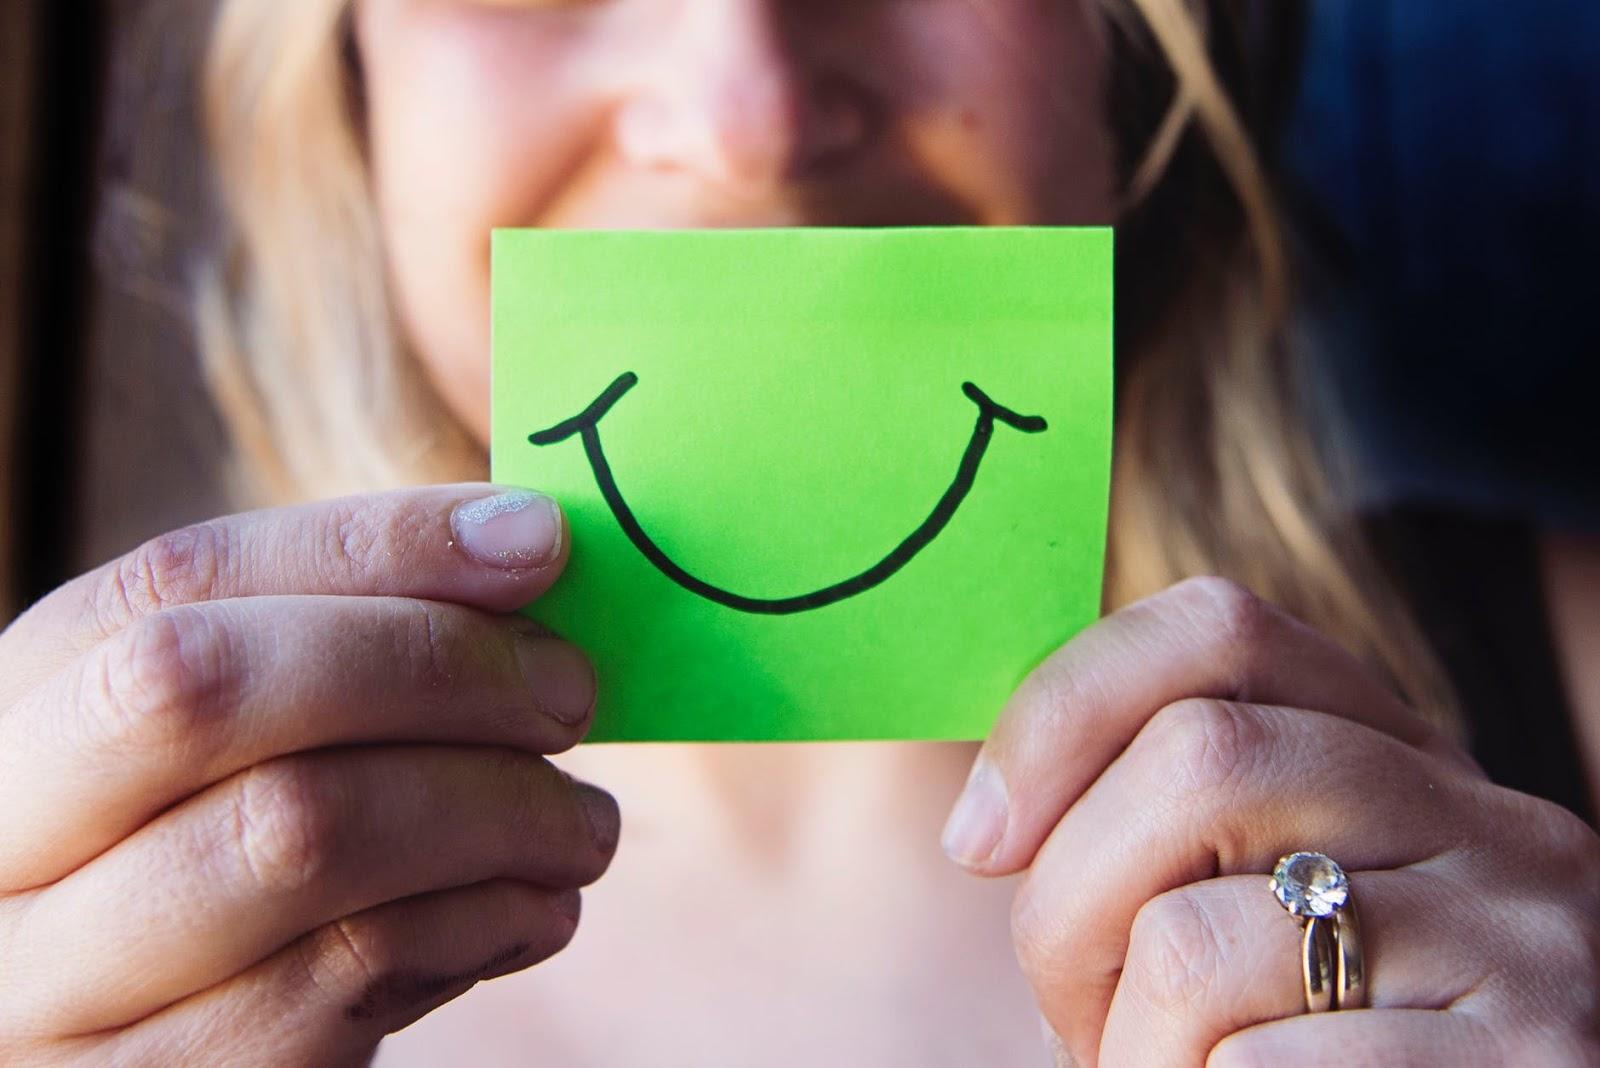 Um sorriso nem sempre significa um dia bom, mas a força para o dia ruim